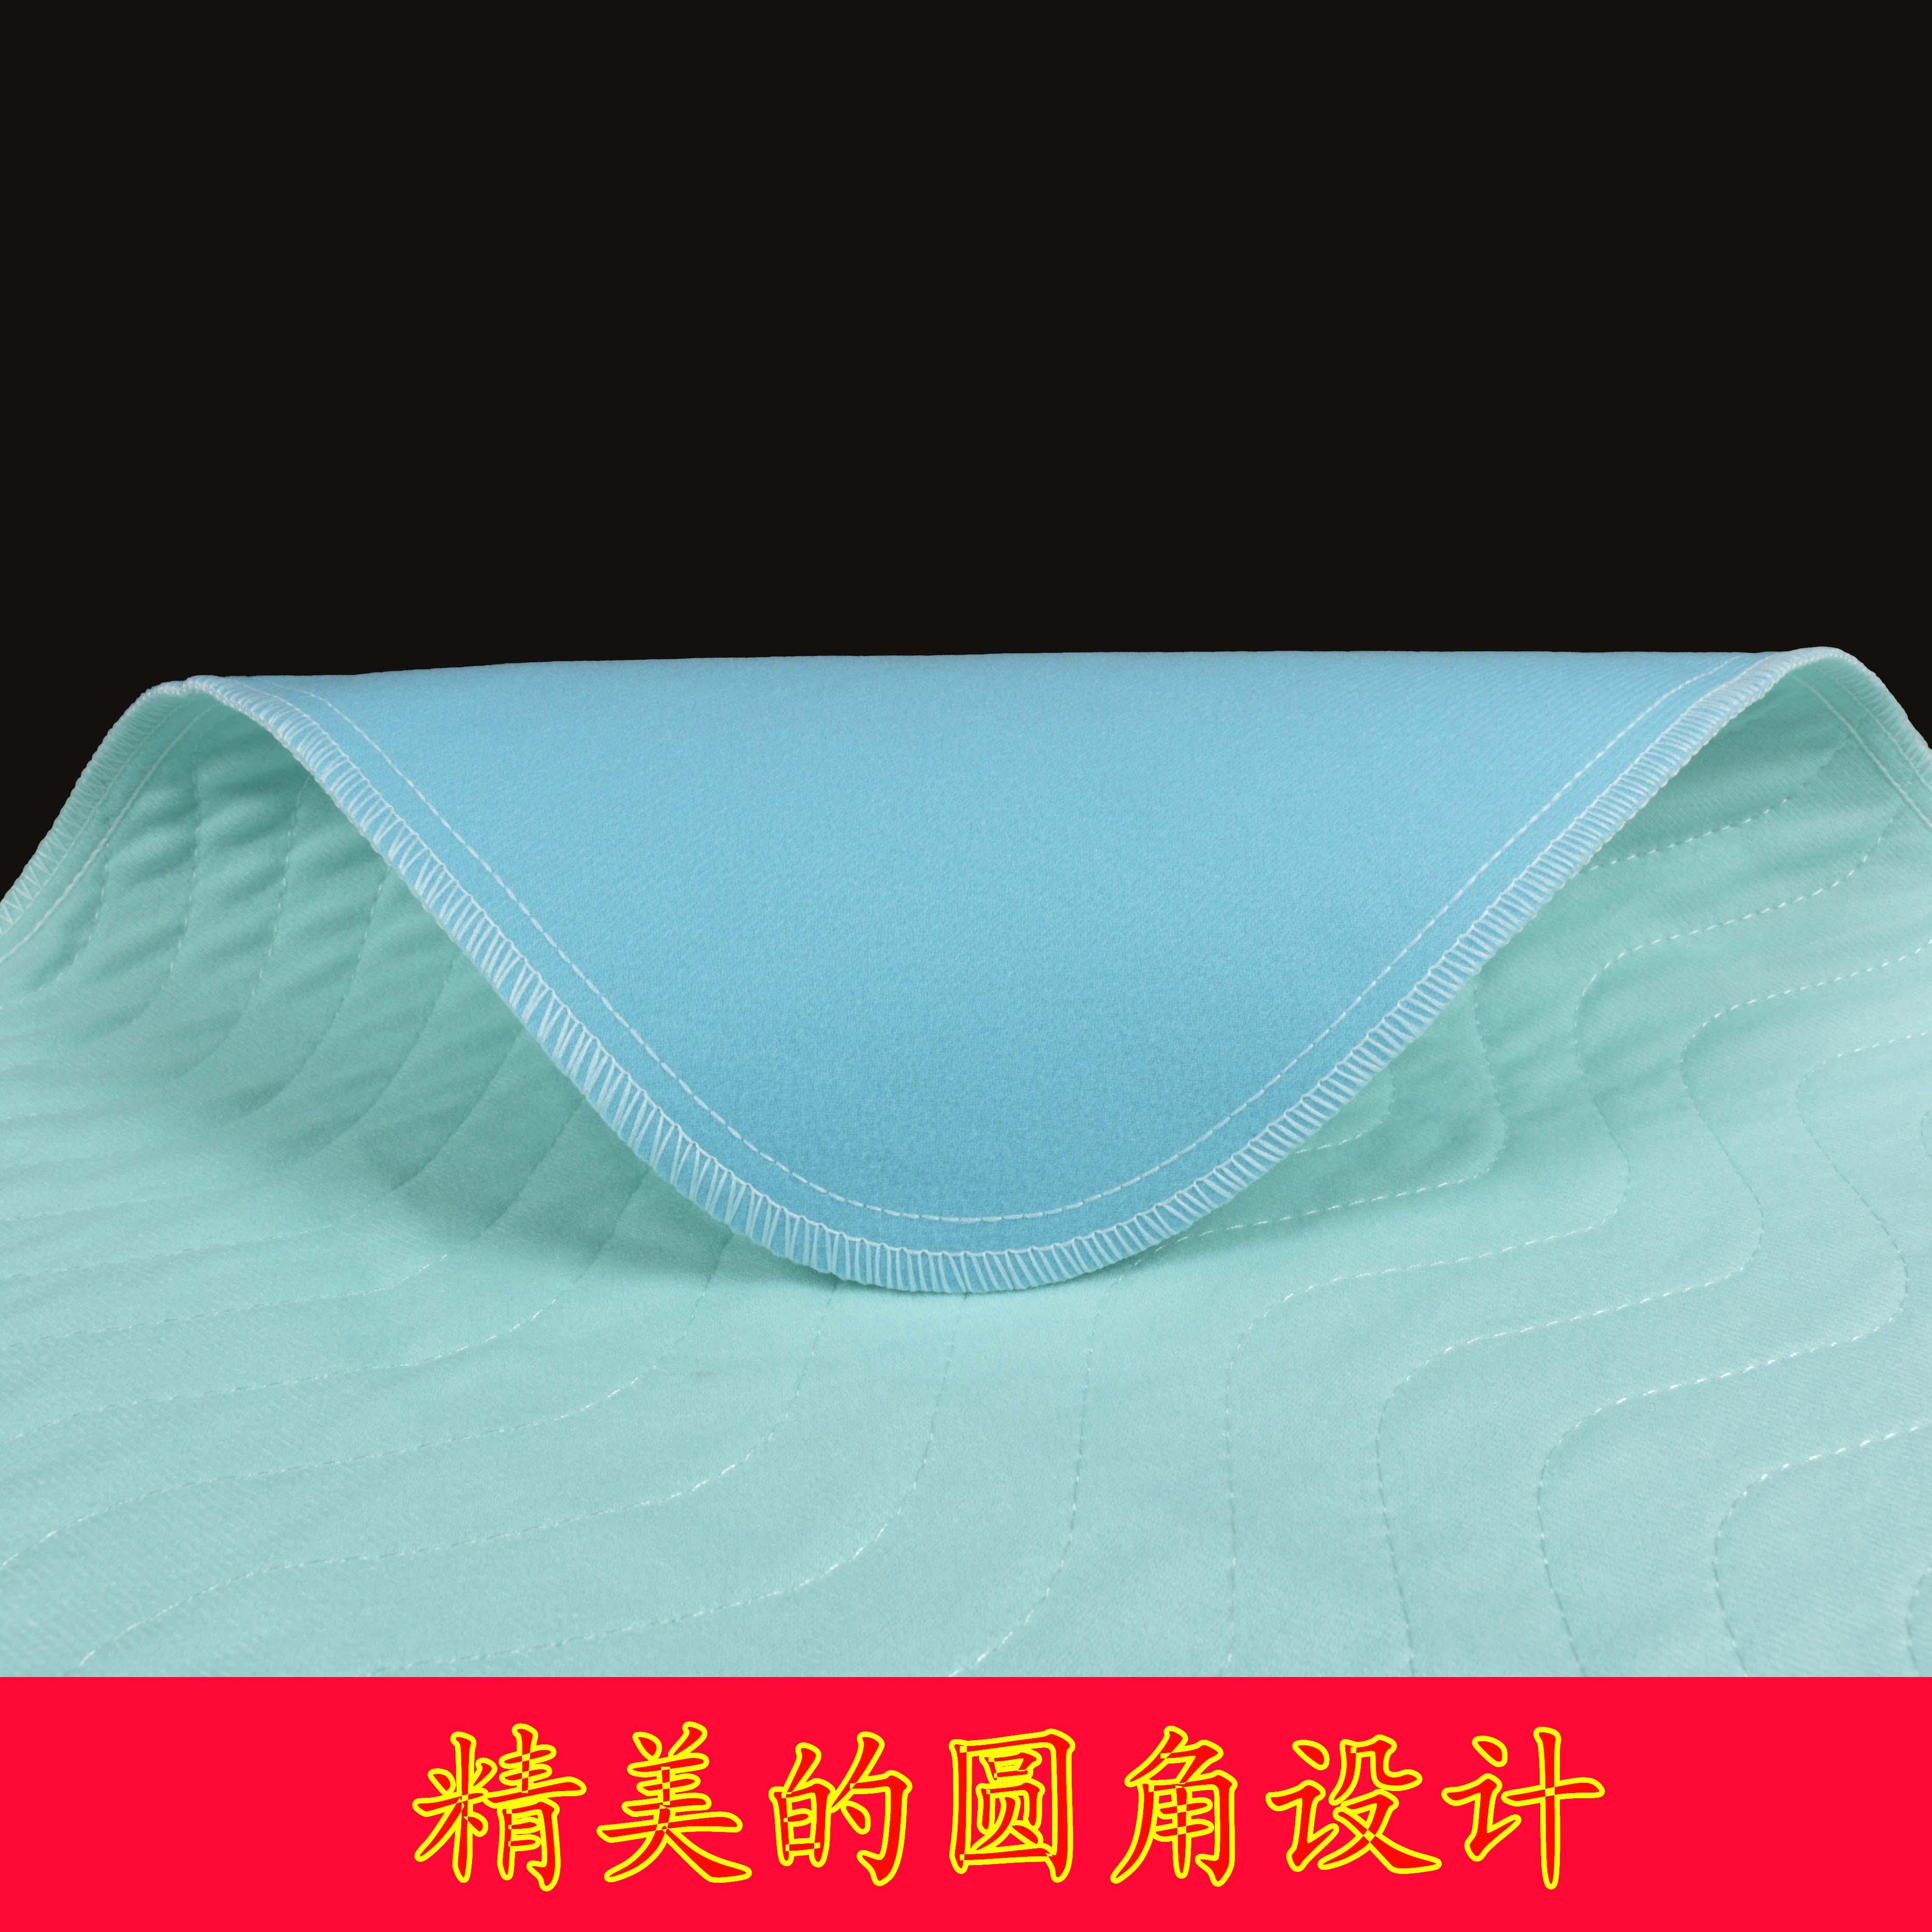 Eakad täiskasvanud pestavad mähkmed uriin ei märri pad mattress pad madrats hooldus pad mähkmed eakad tarvikud